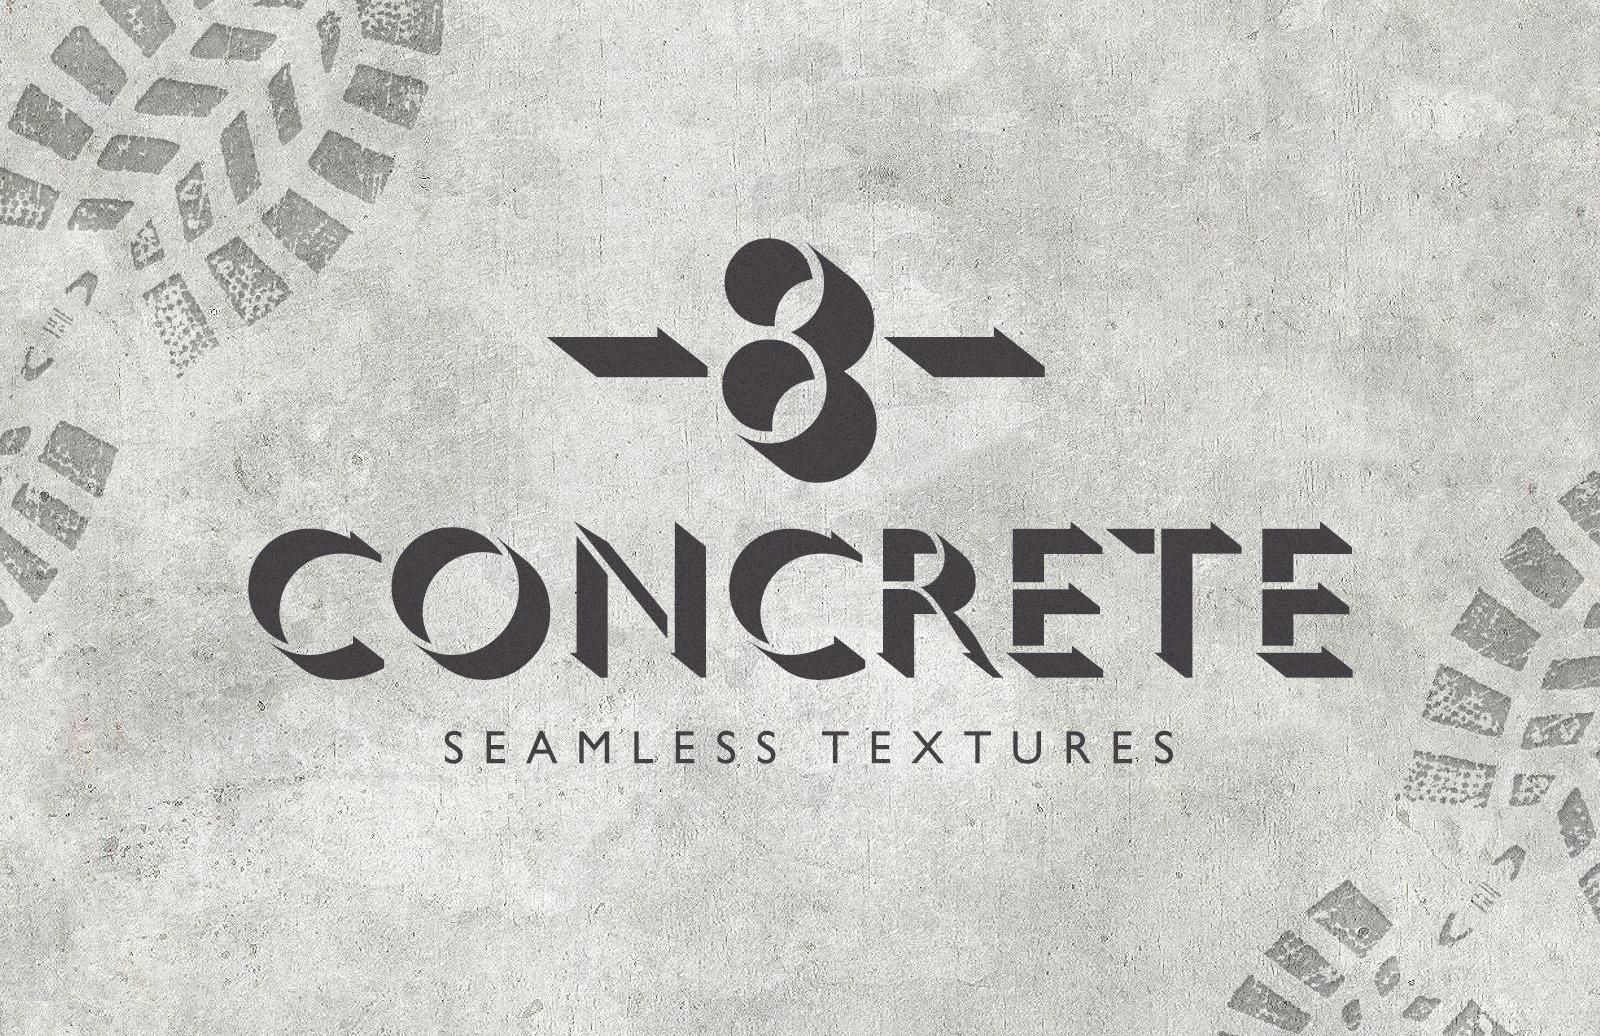 Free Seamless Concrete Textures